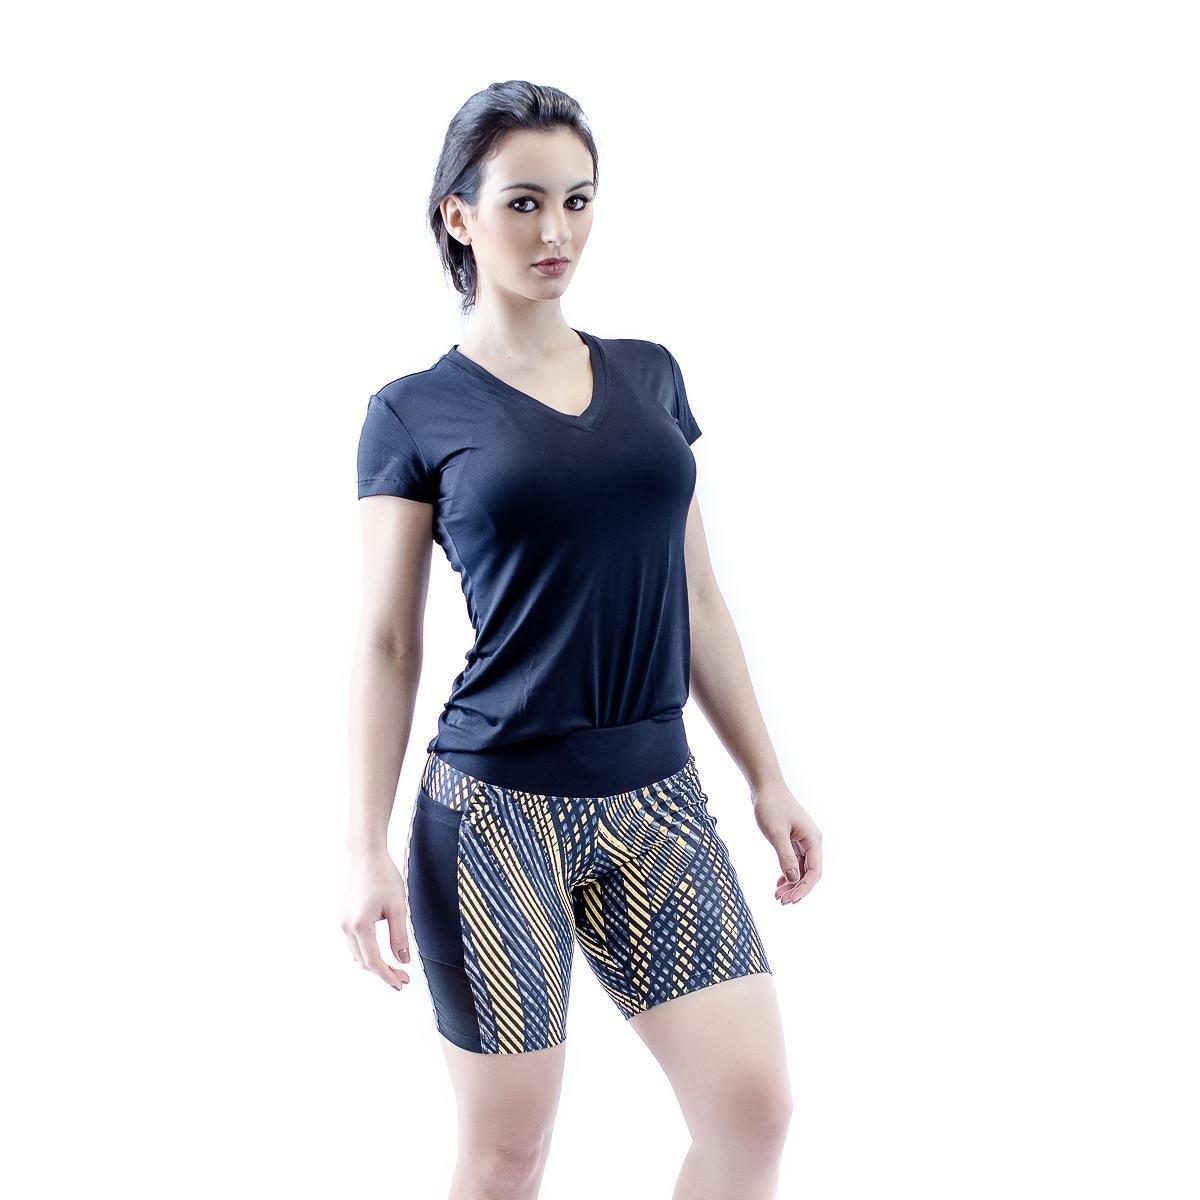 Camiseta Dry Fit Cajafit Camiseta Camiseta Cajafit Preto Preto Dry Fit gOxgqrA